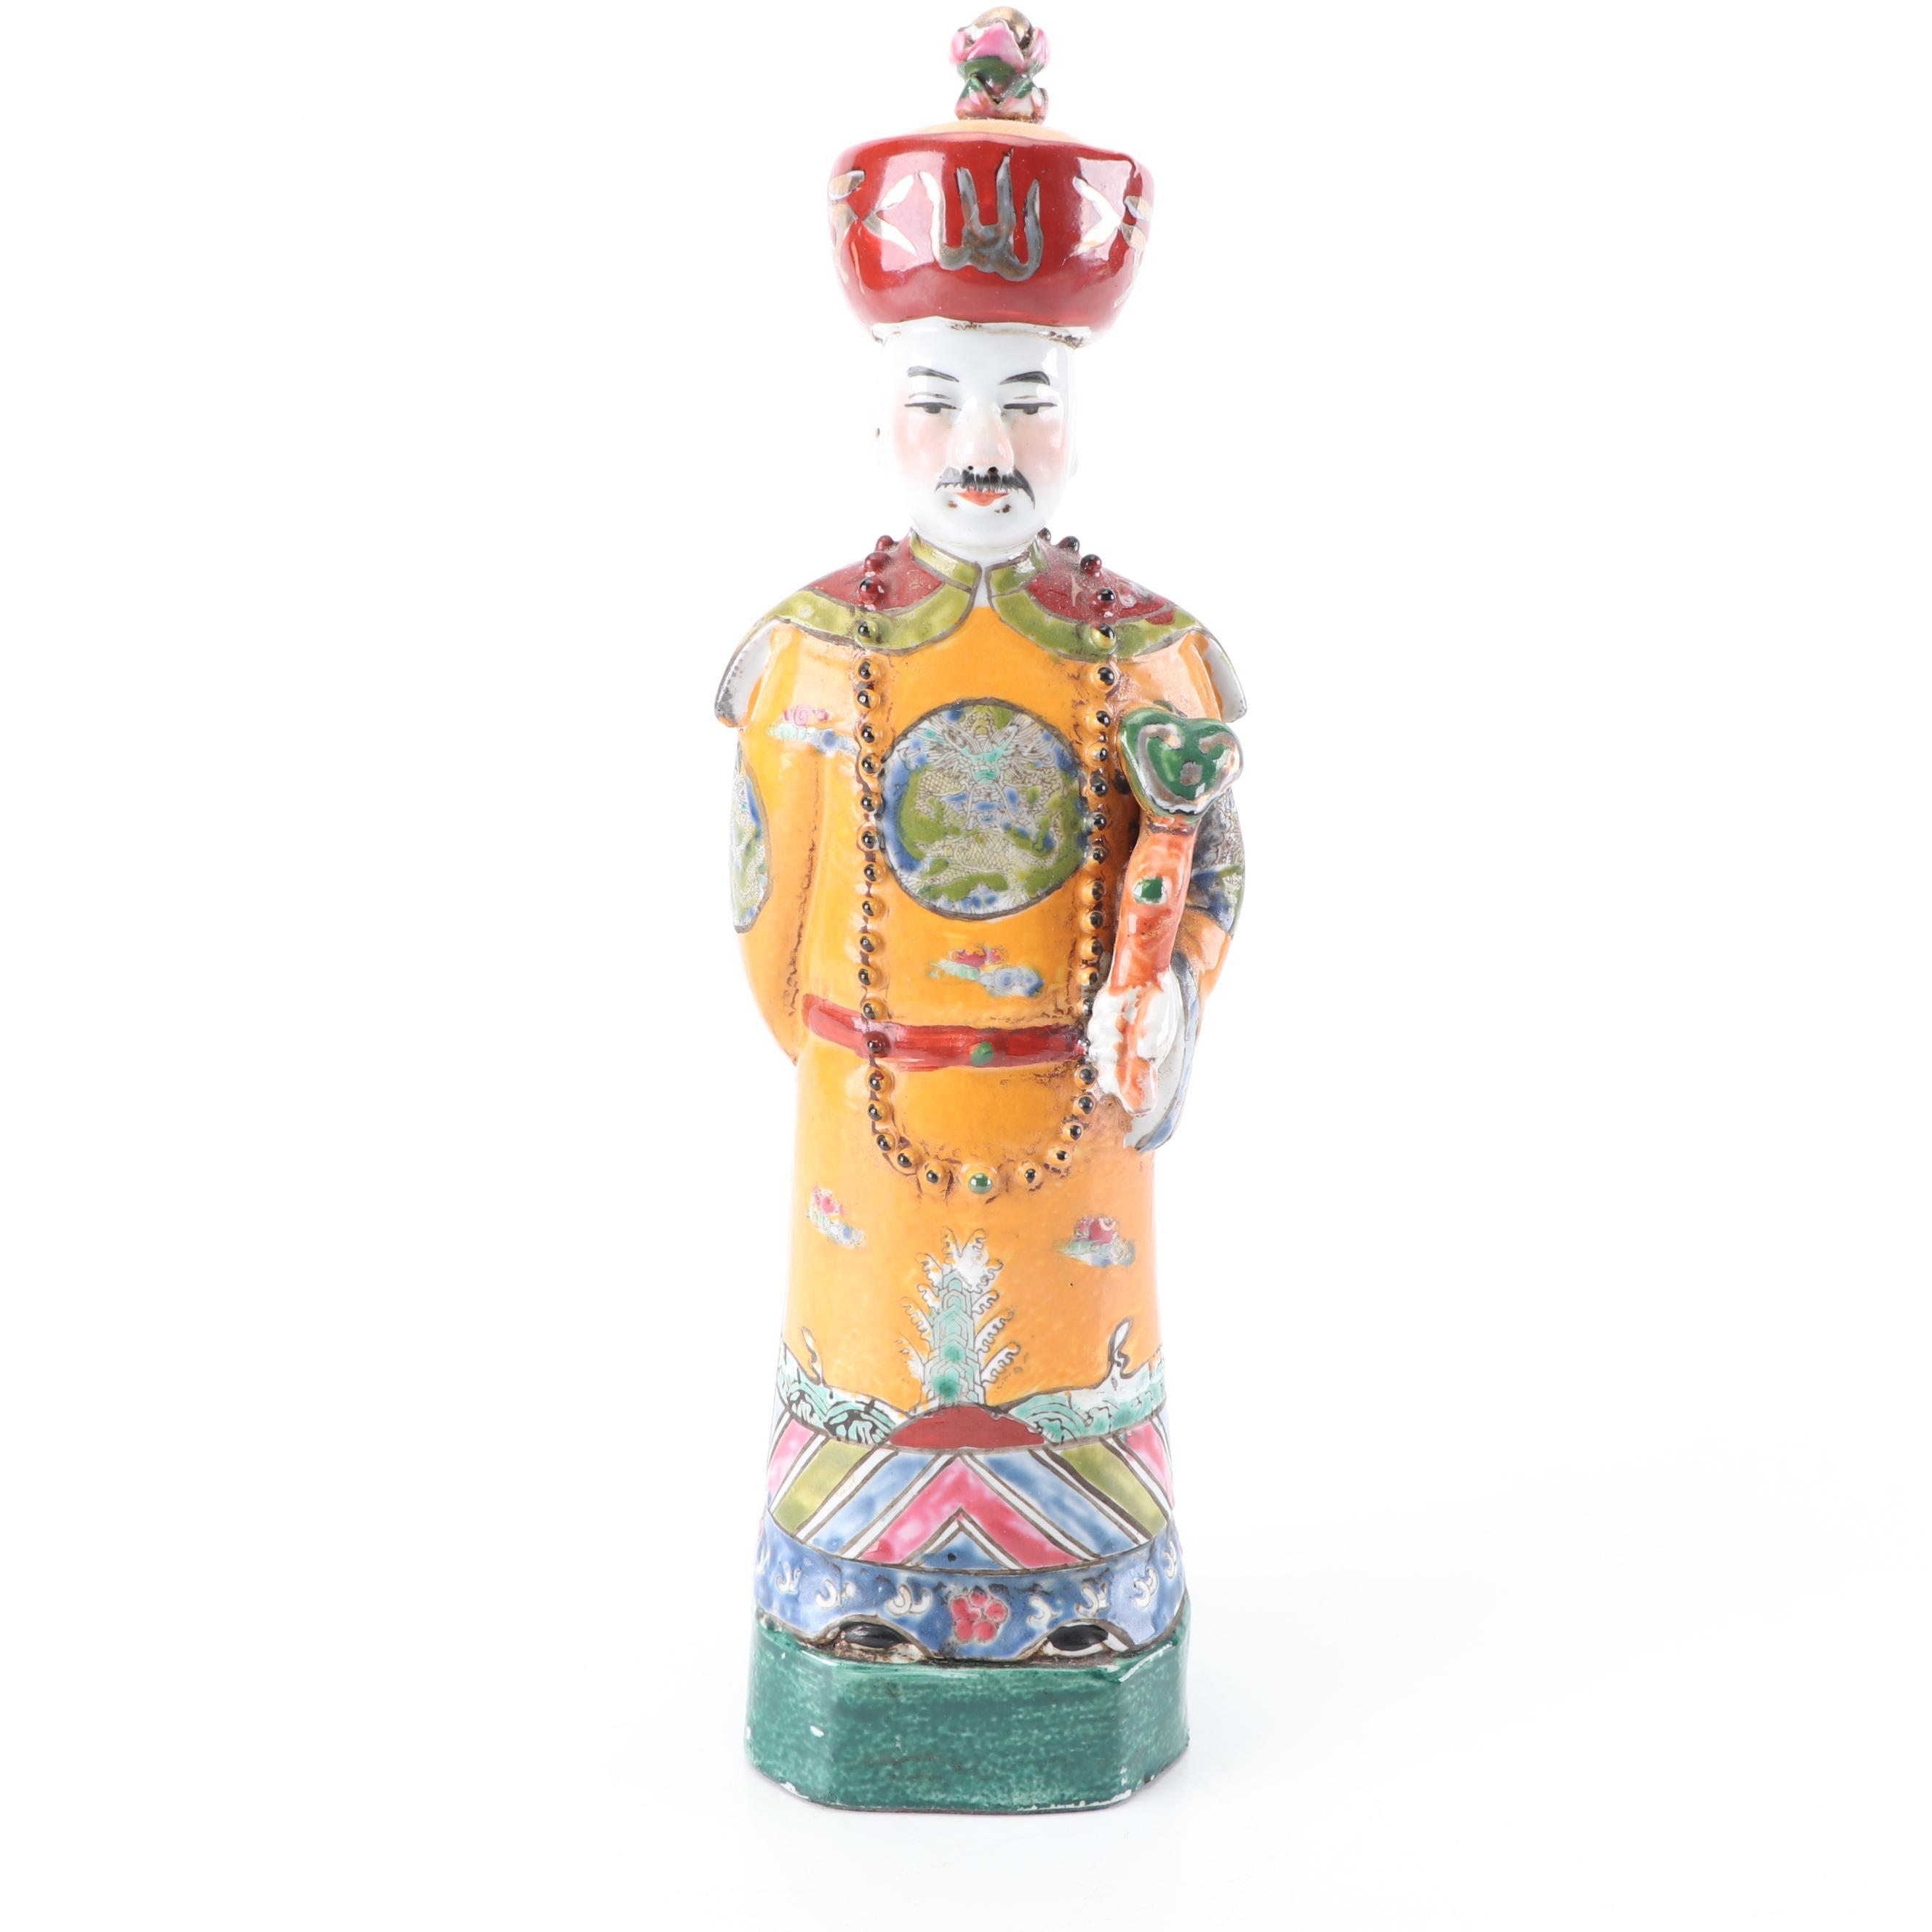 Chinese Ceramic Emperor Figurine